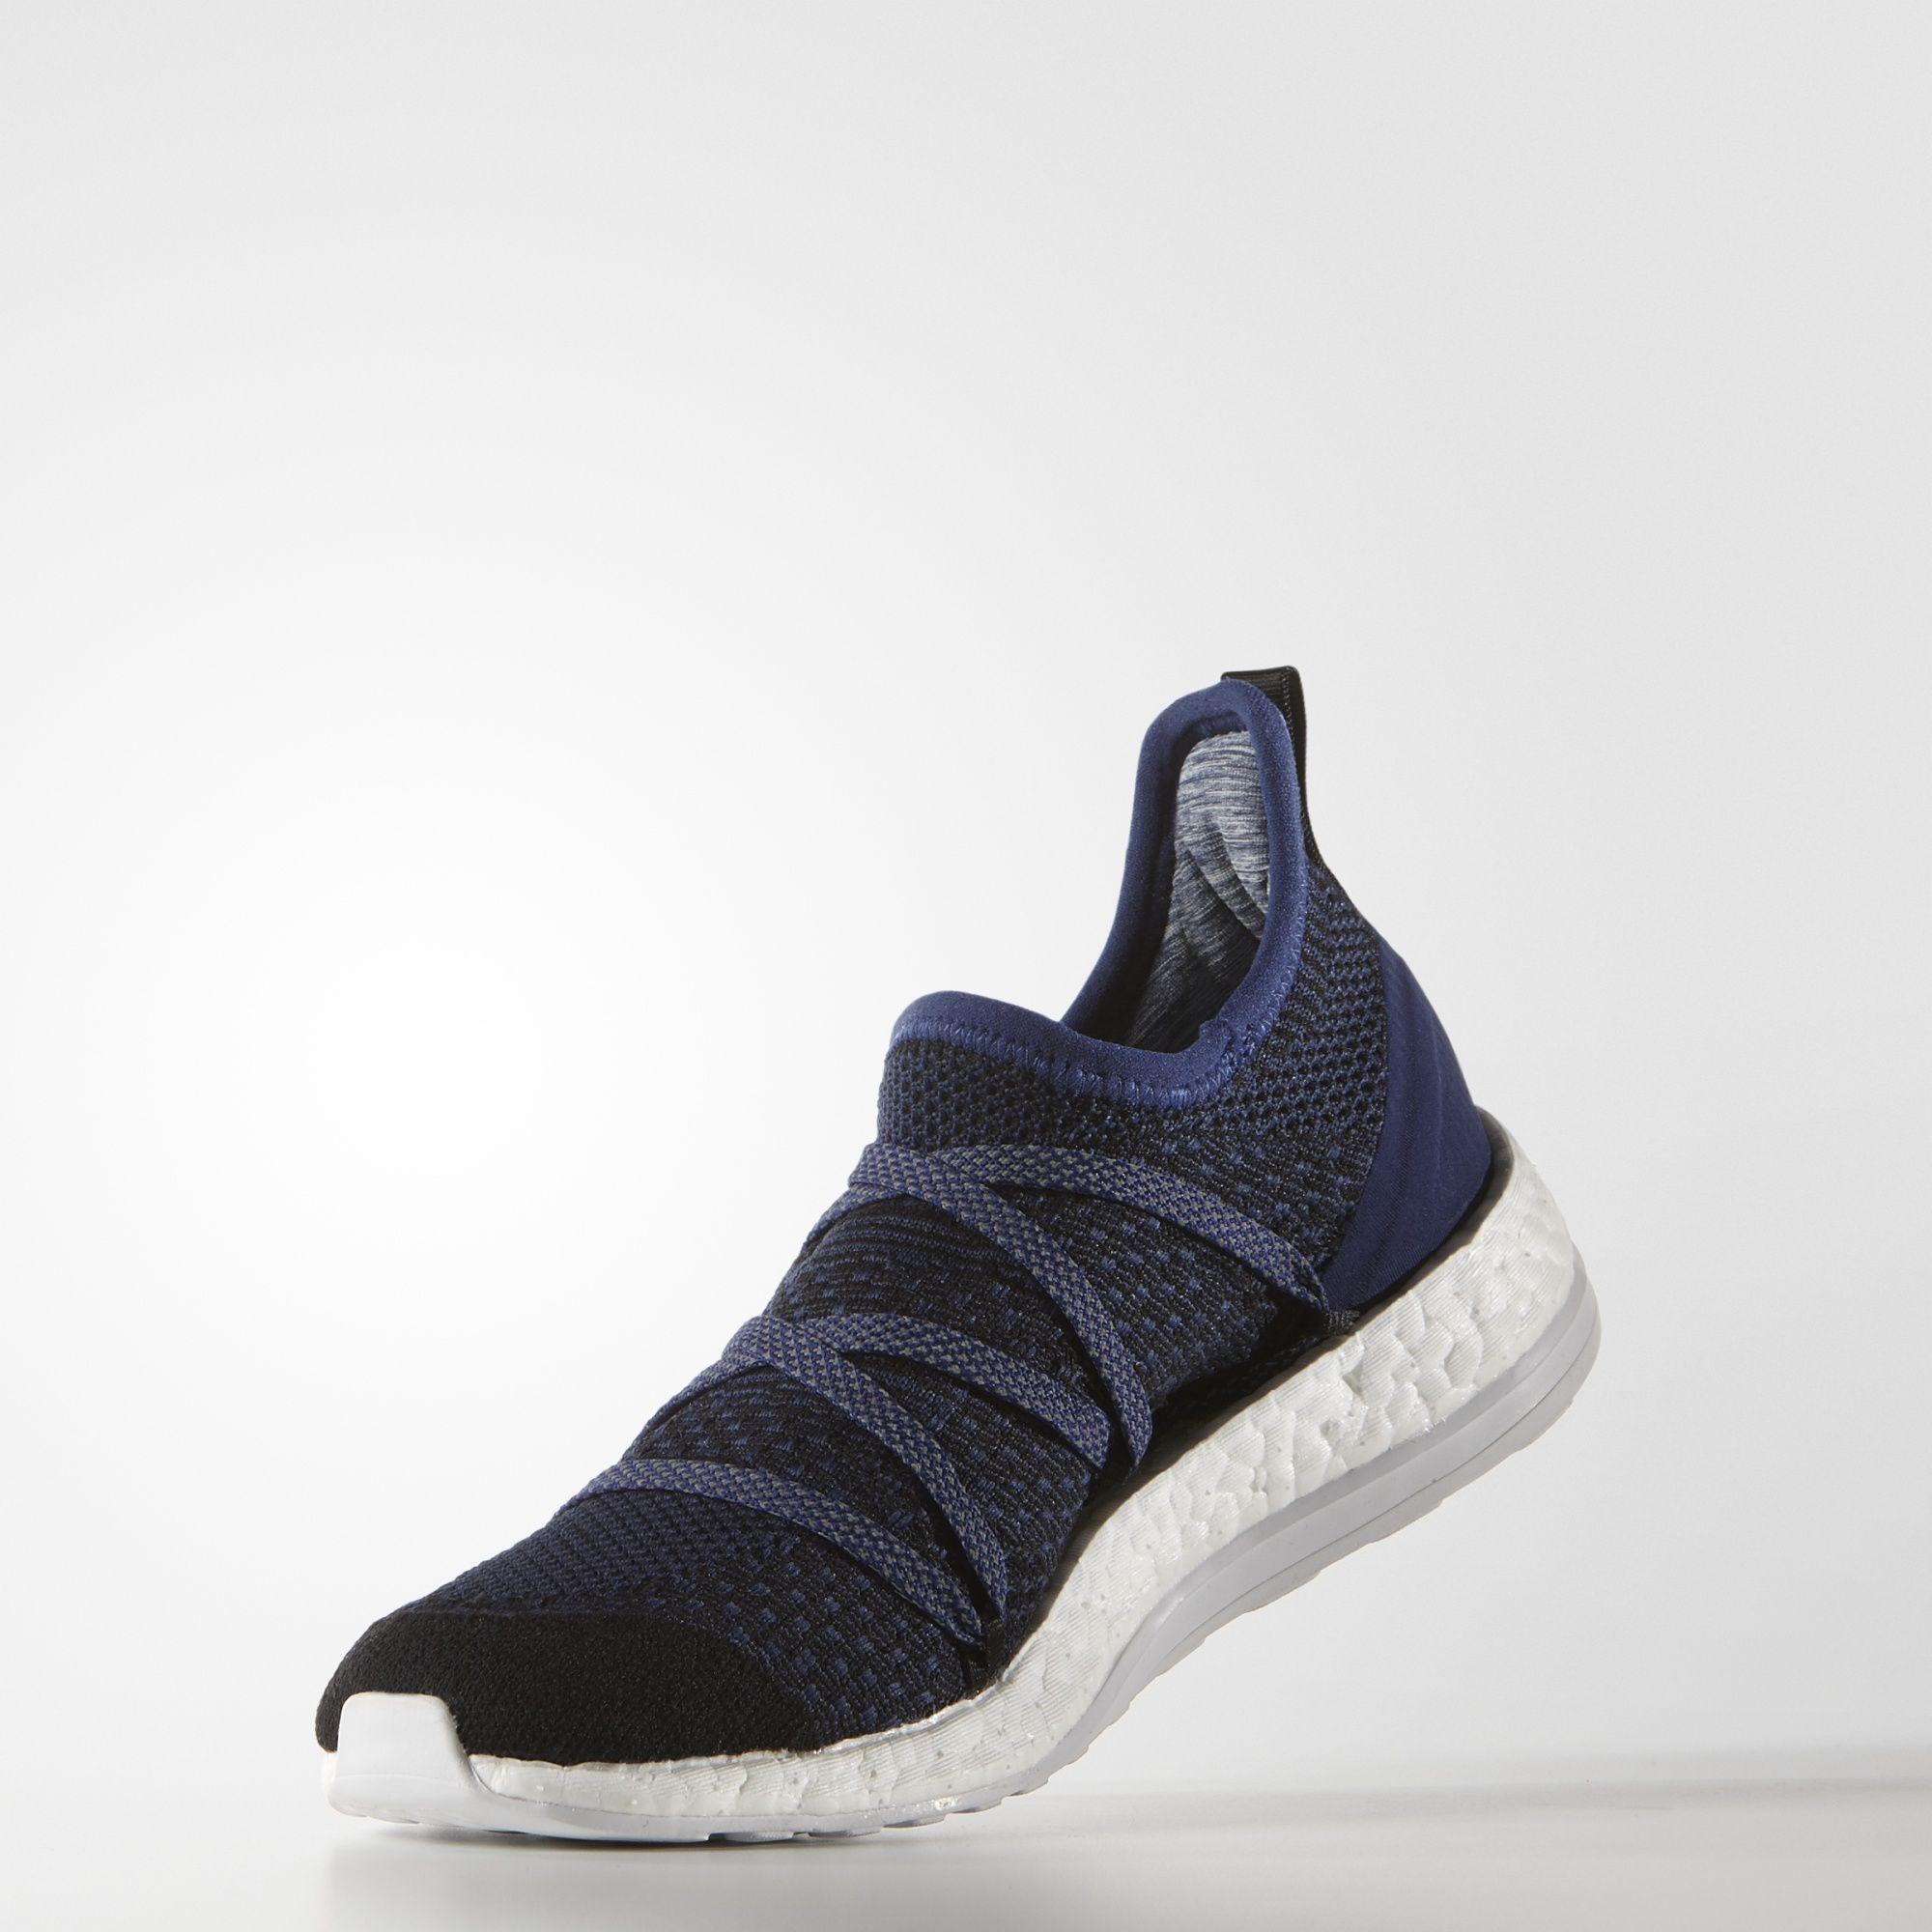 c12bdb11bf Adidas By Stella McCartney Pure Boost X | A Footwear | Adidas ...